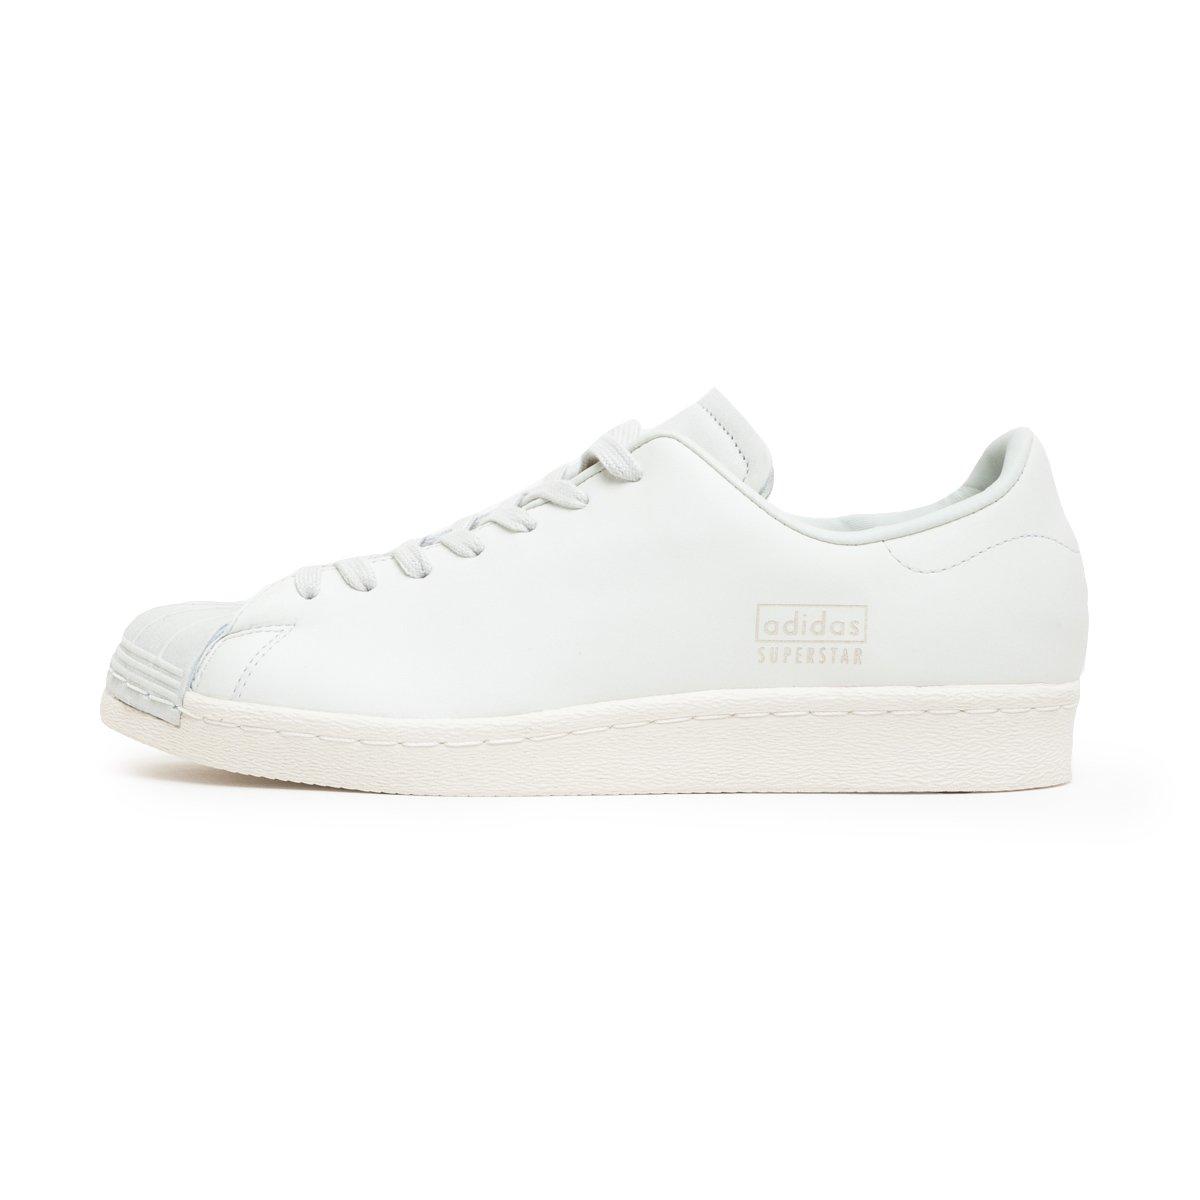 adidas Originals Superstar 80s Clean, Crystal White-Crystal White-Off White 4.5 UK|crystal white-crystal white-off white